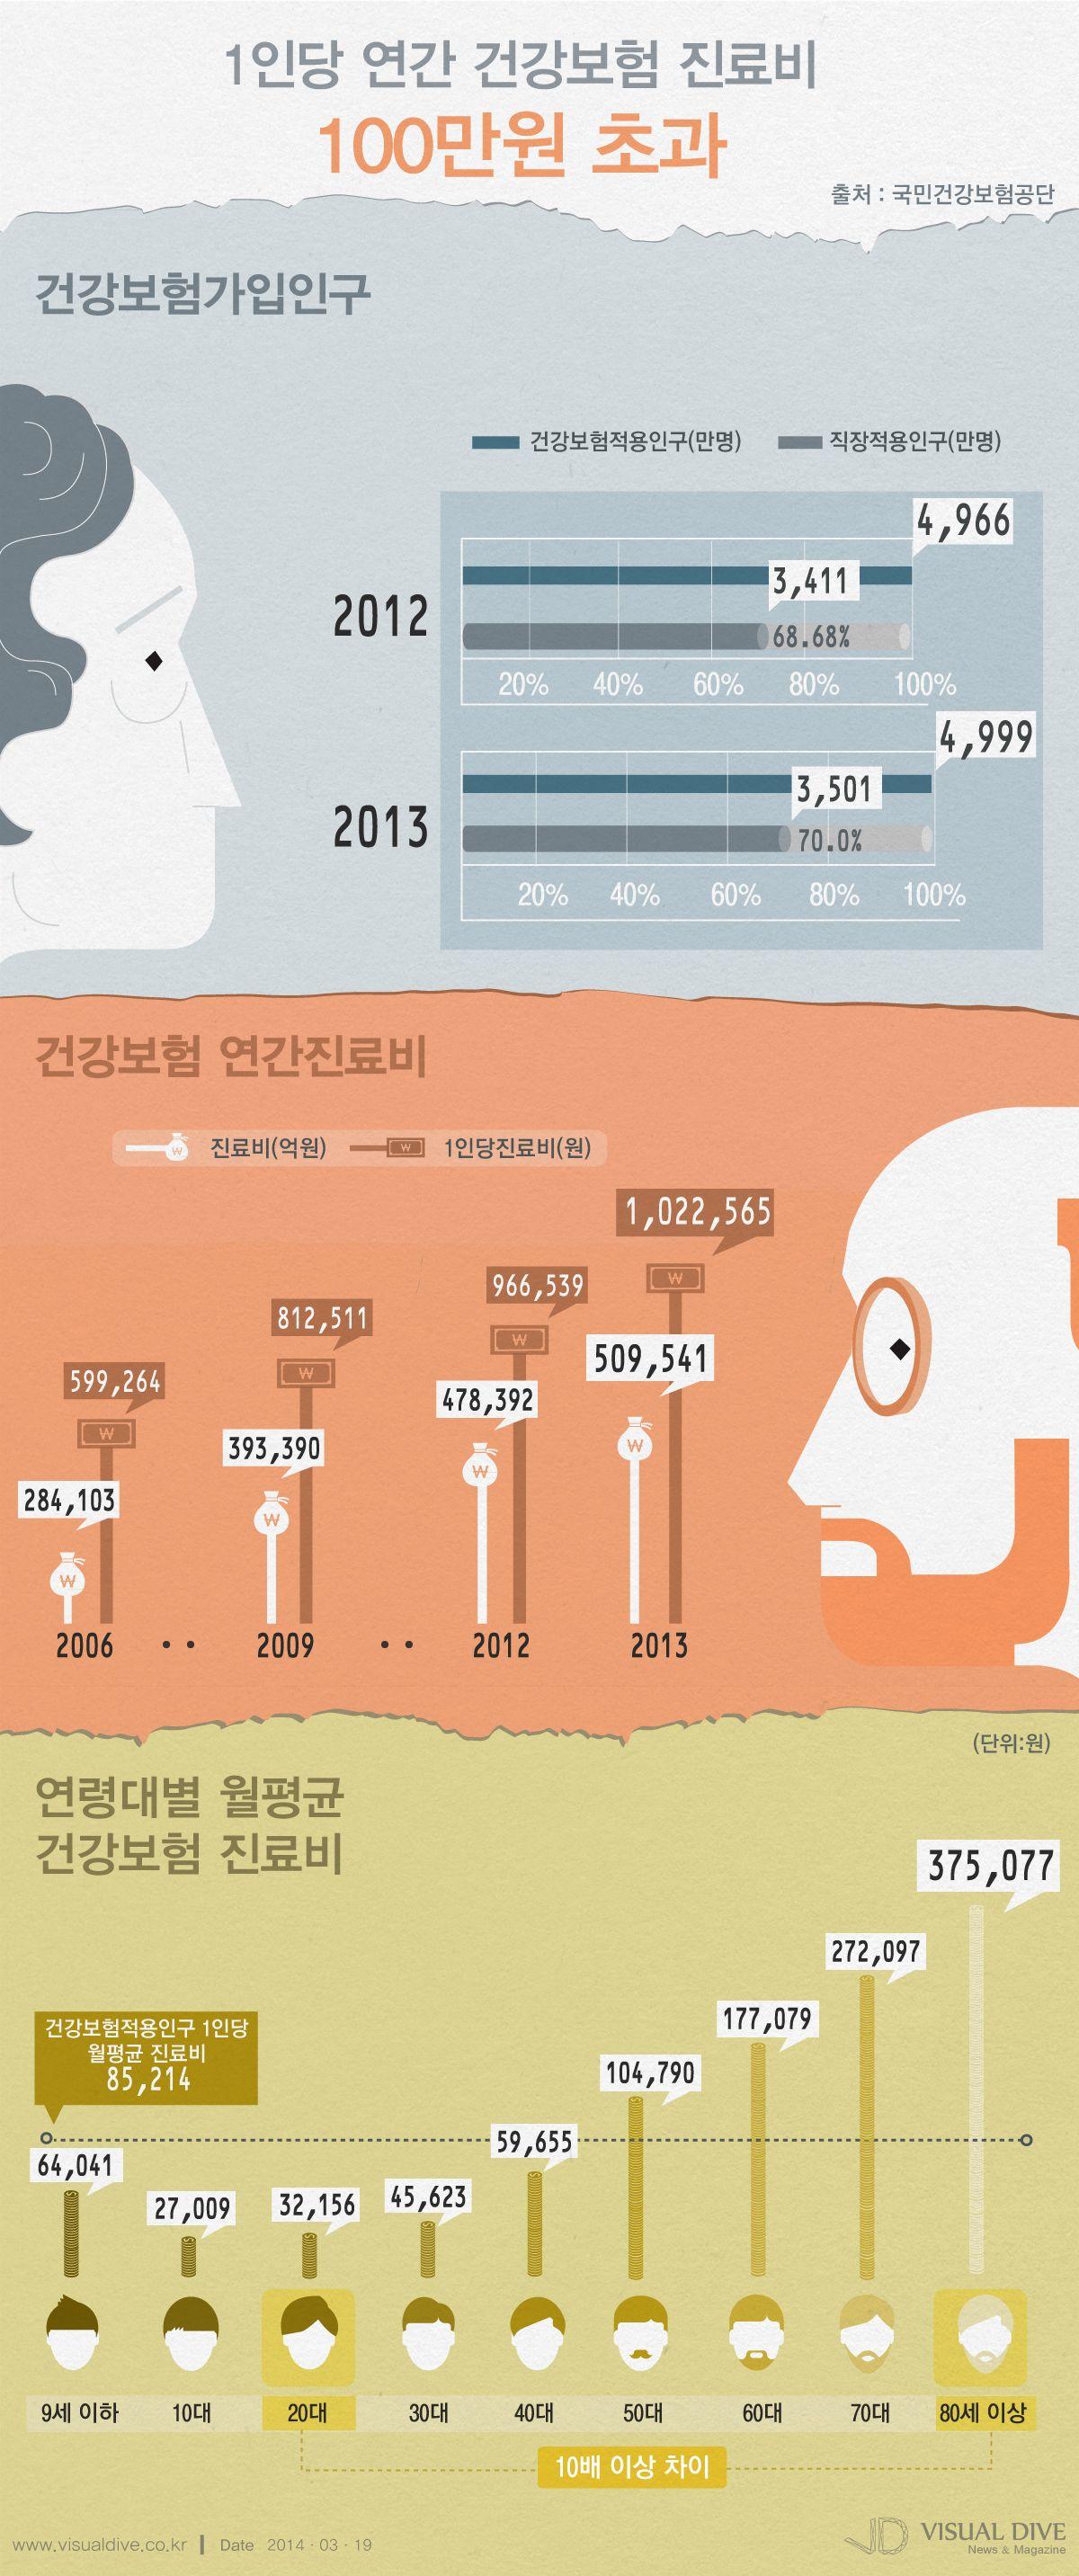 지난해 국민 1인당 건강보험 진료비 100만원 넘어 인포그래픽 Madical Infographic 비주얼다이브 무단 복사 전재 재배포 금지 인포그래픽 배너 건강보험